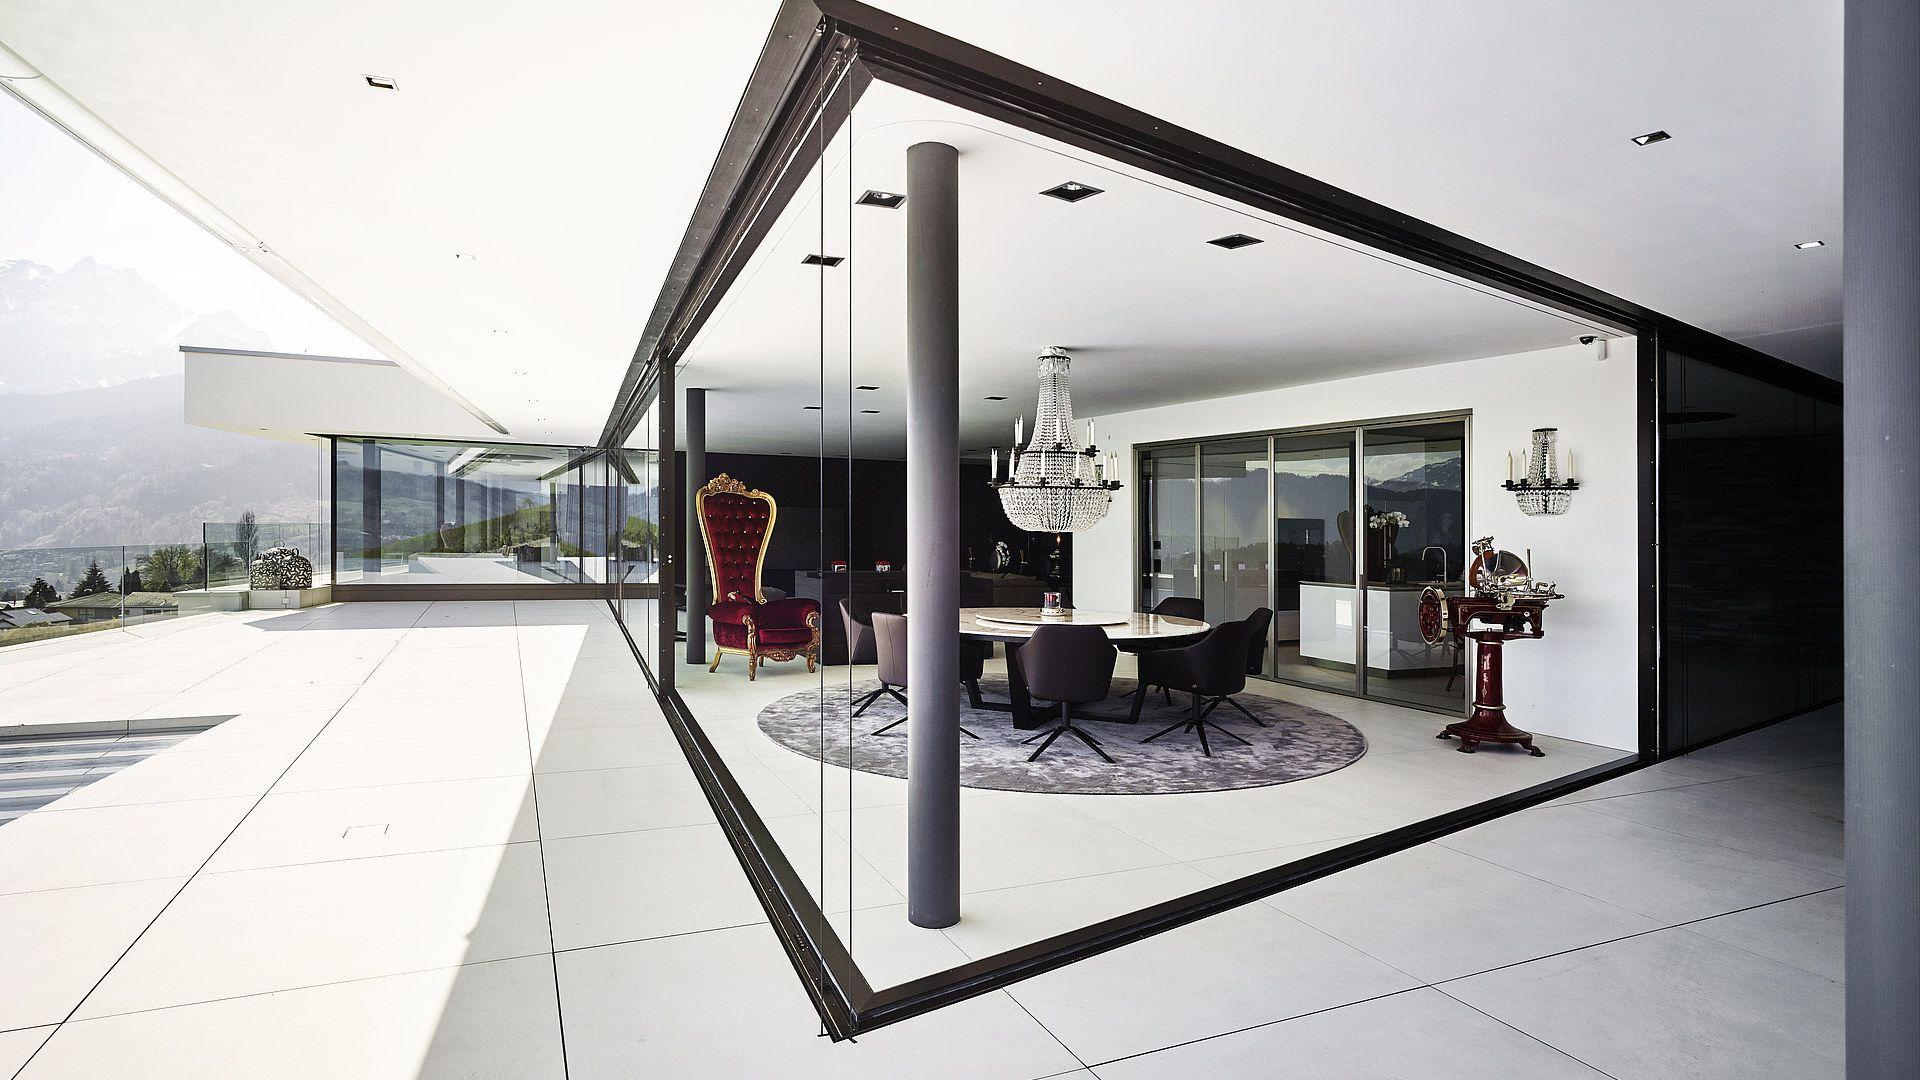 Privathaus Schweiz - air-lux.ch | Design + Architecture | details ...